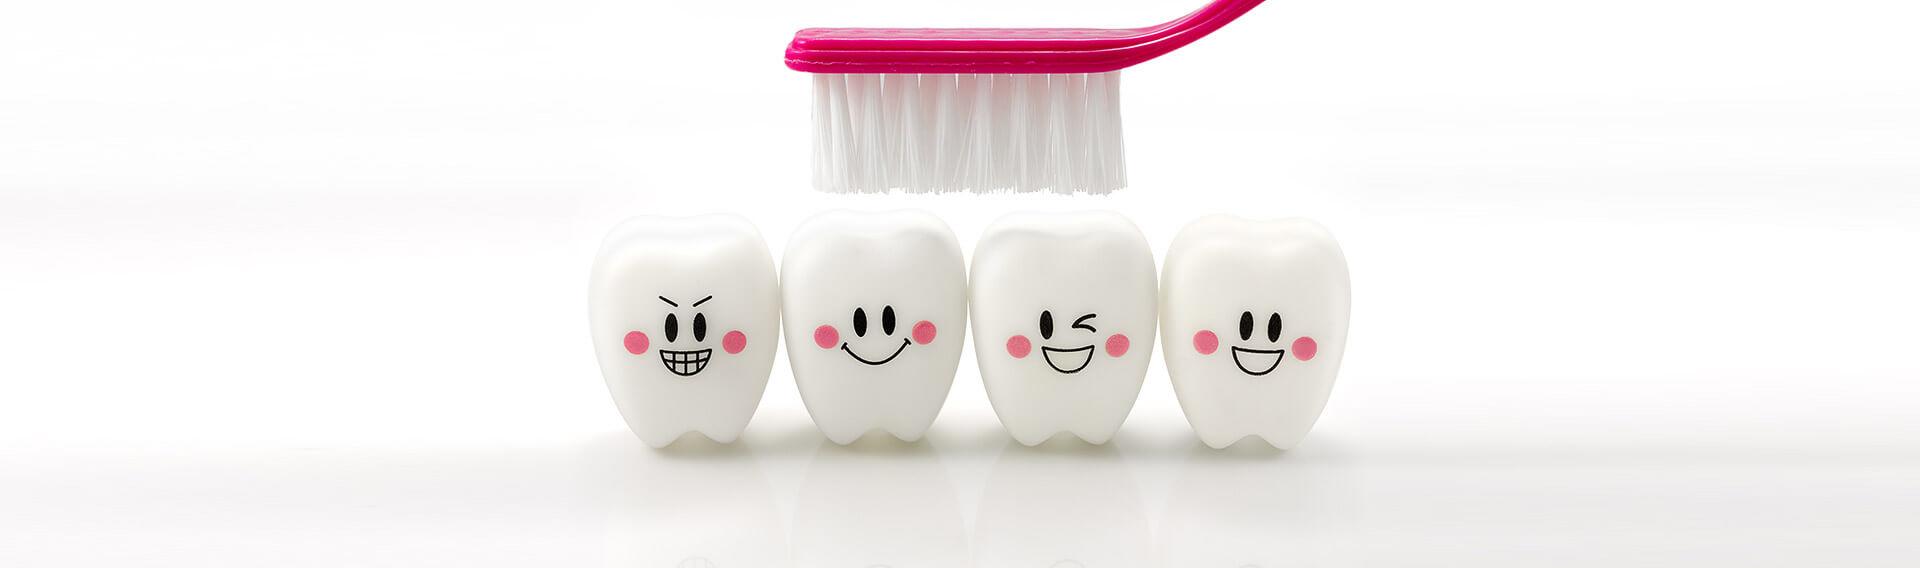 Wir bieten mehr als nur Standard Kieferorthopädie - Schnarchtherapie, Bleaching, Mundschmuck, professionelle Zahnreinigung, usw.